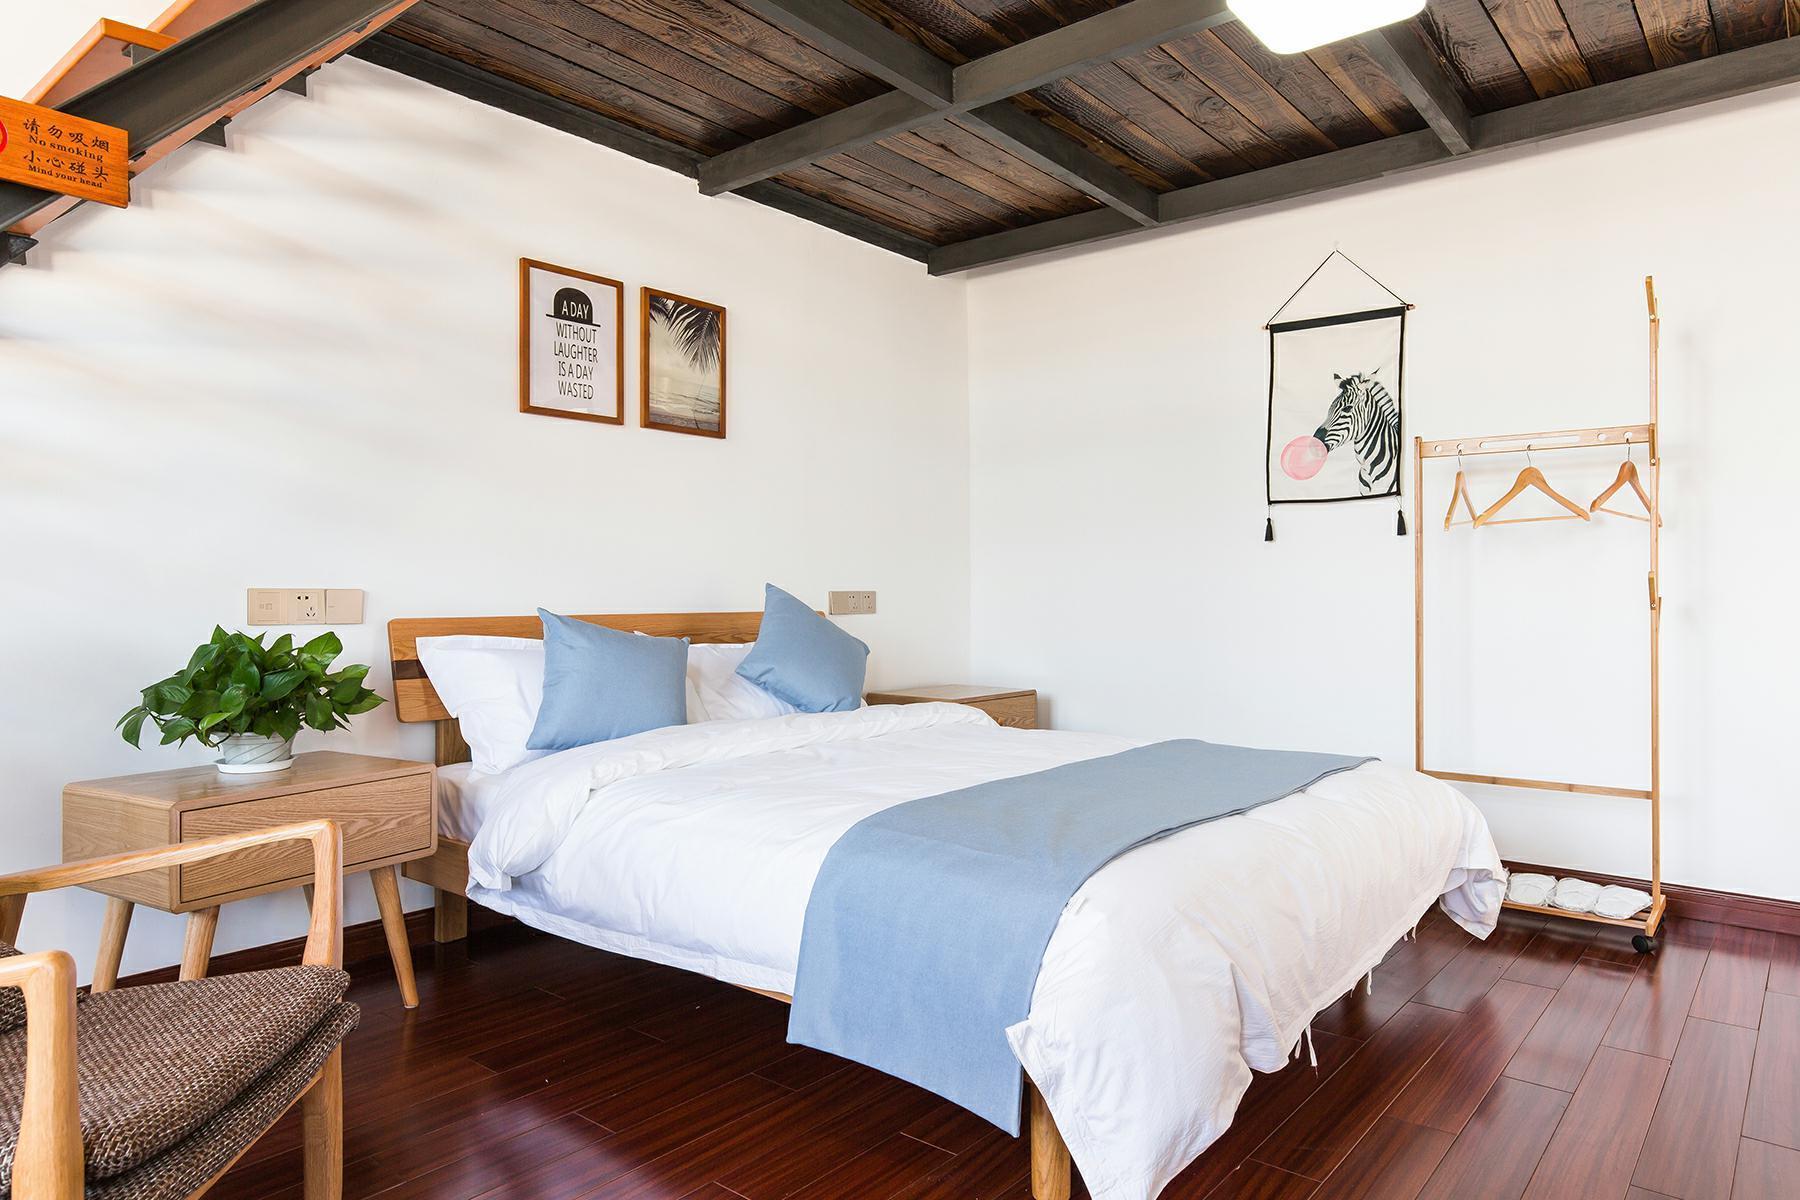 Exquisite LOFT Twin Room 302 Free Breakfast